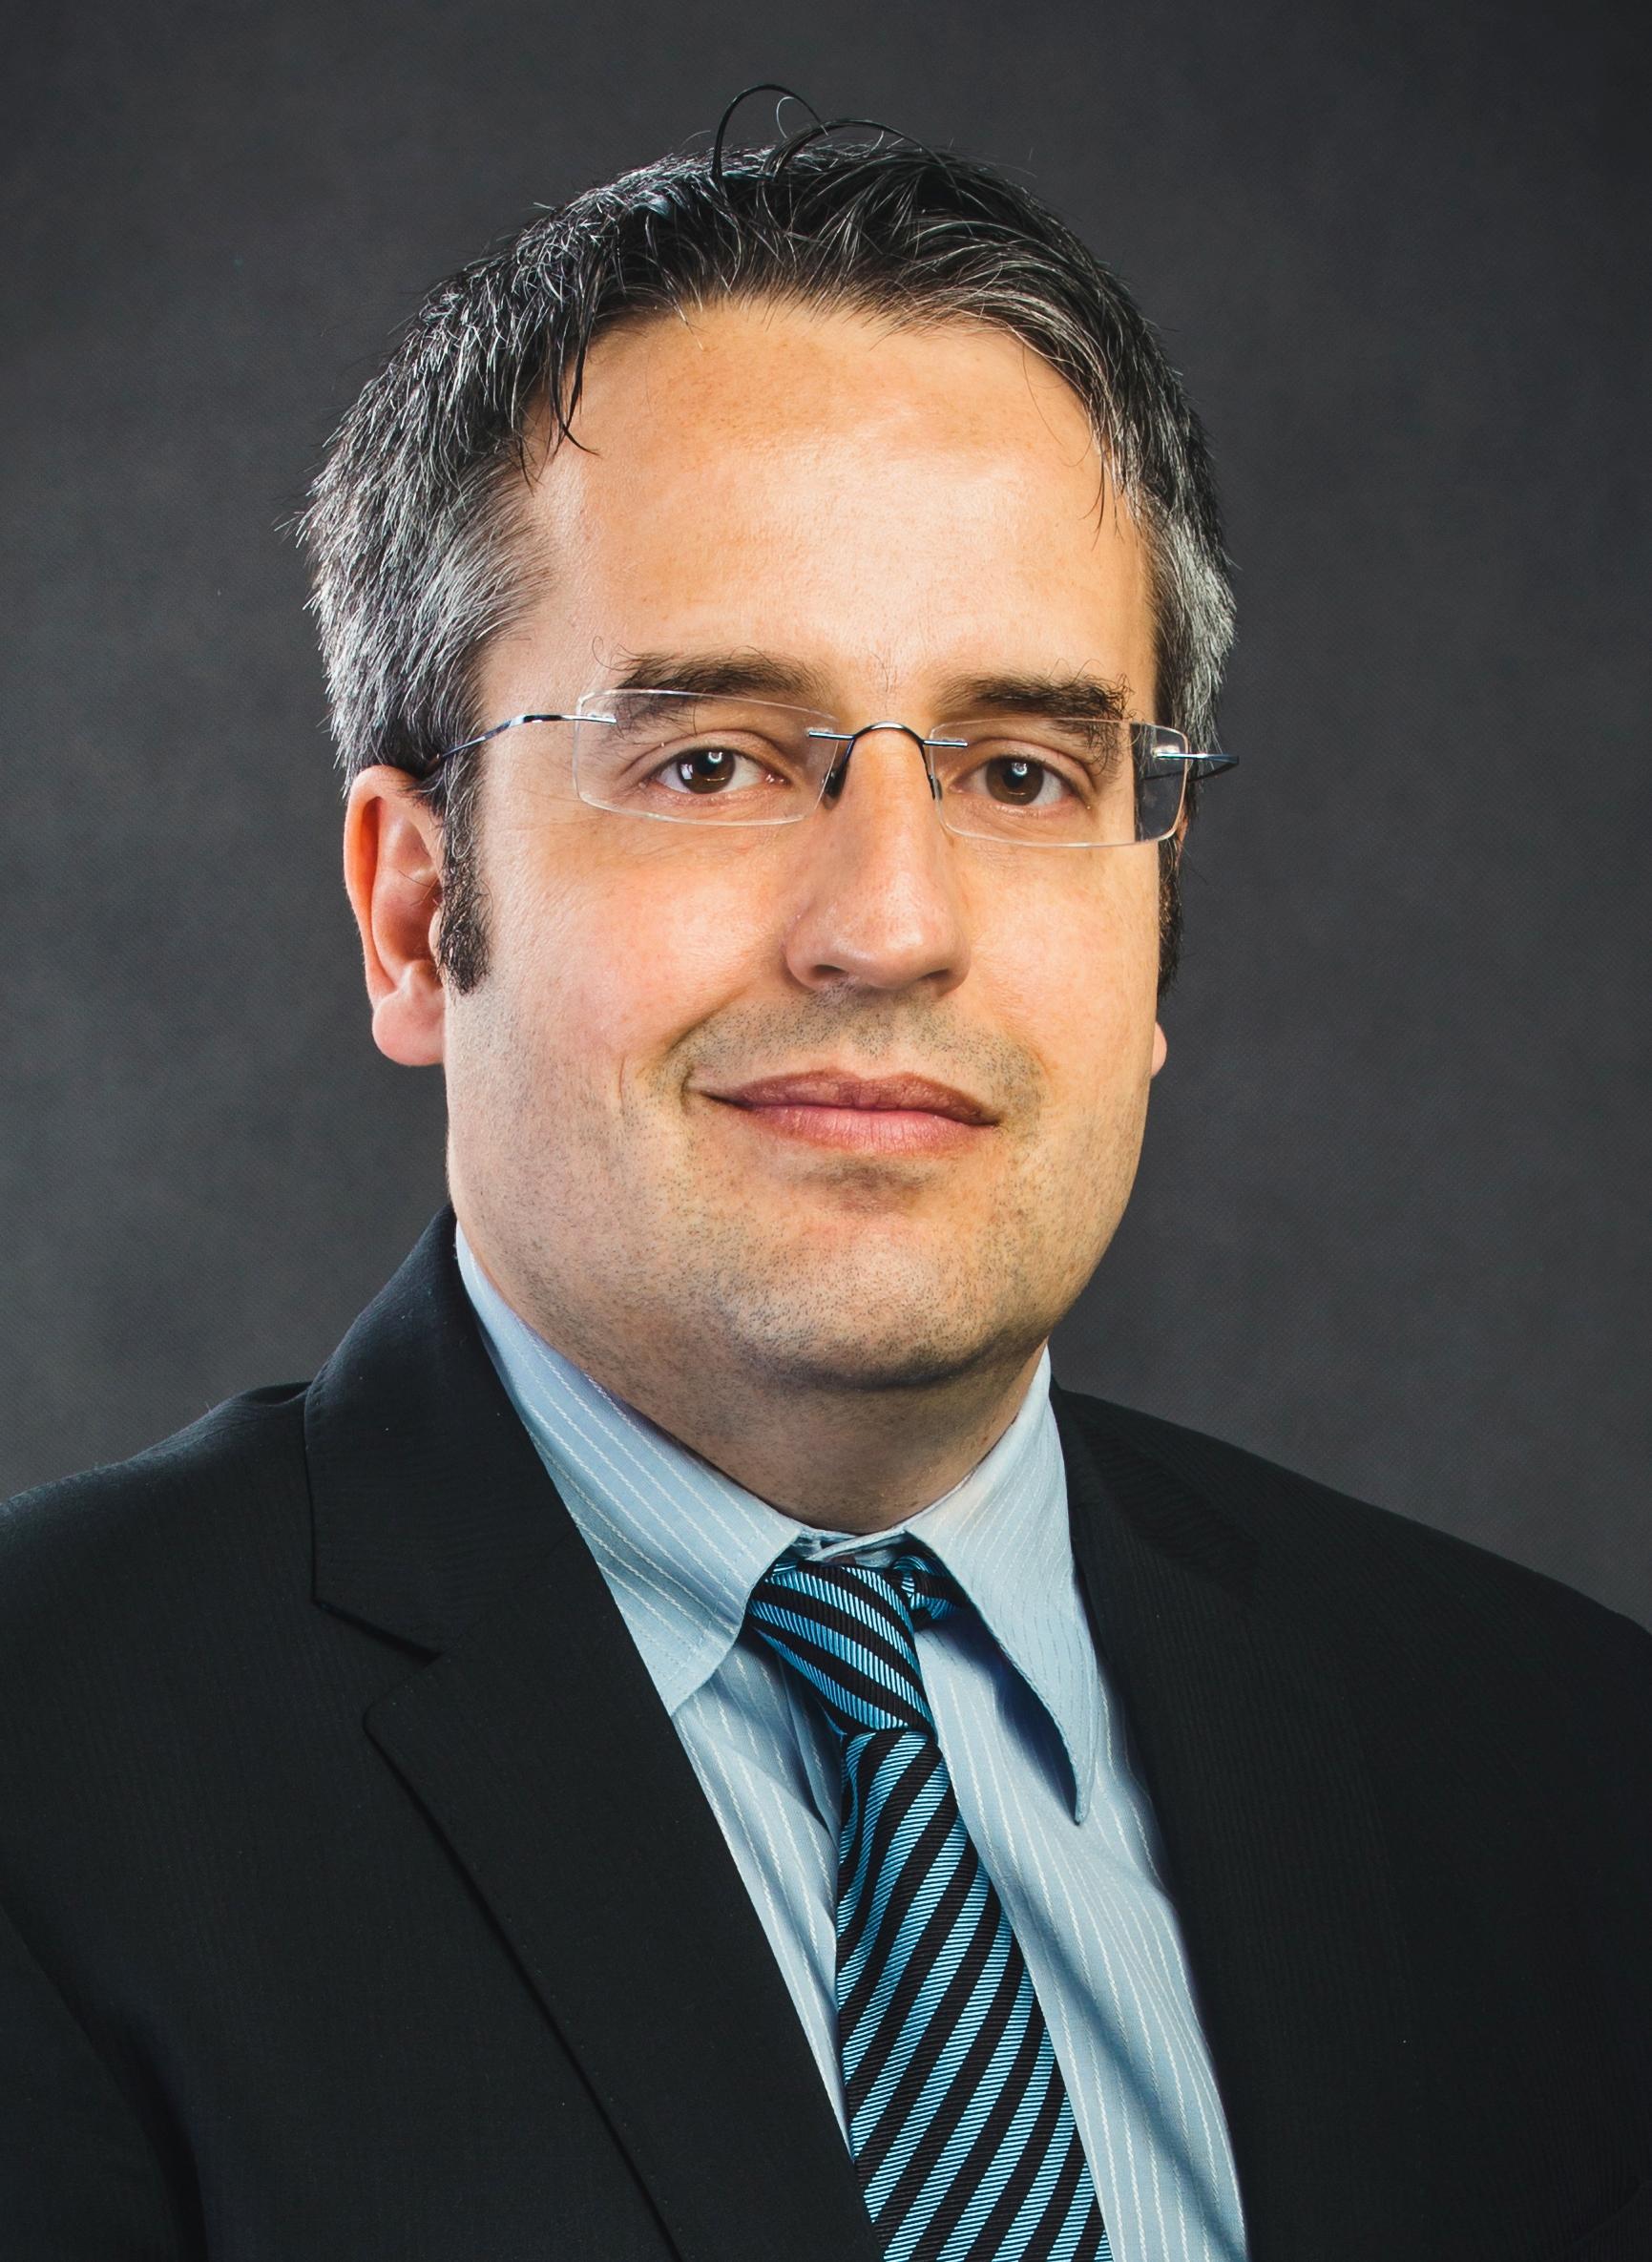 Ioannis  Oikonomopoulos